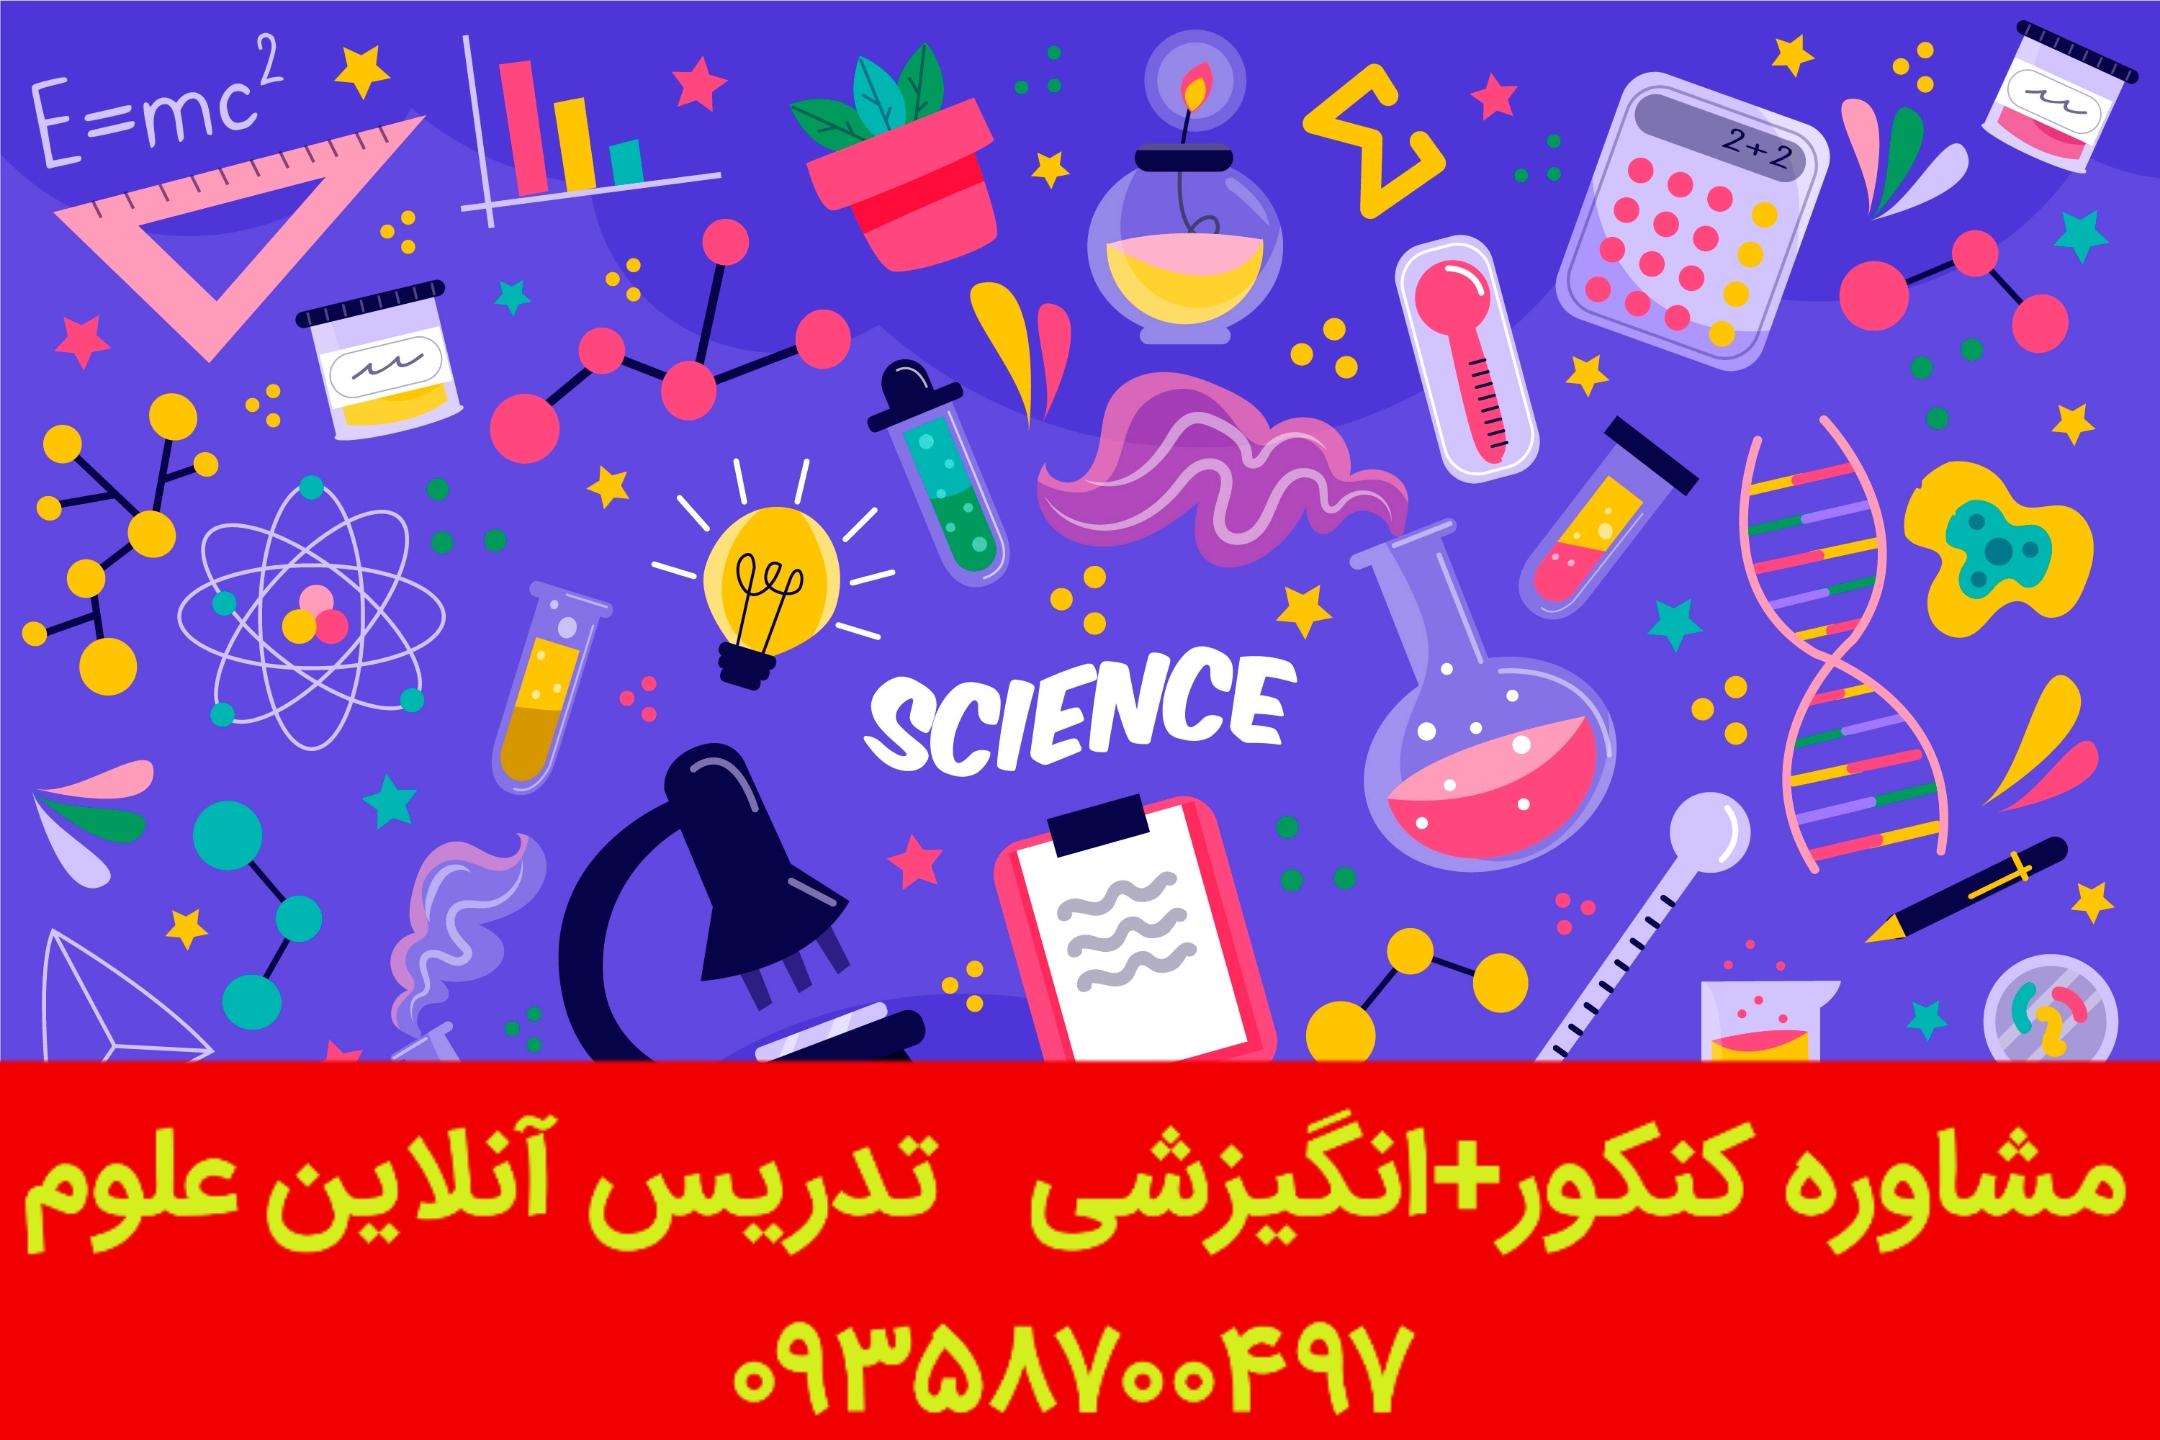 چرا باید درس علوم تجربی بخوانیم؟_vahidimeni.ir